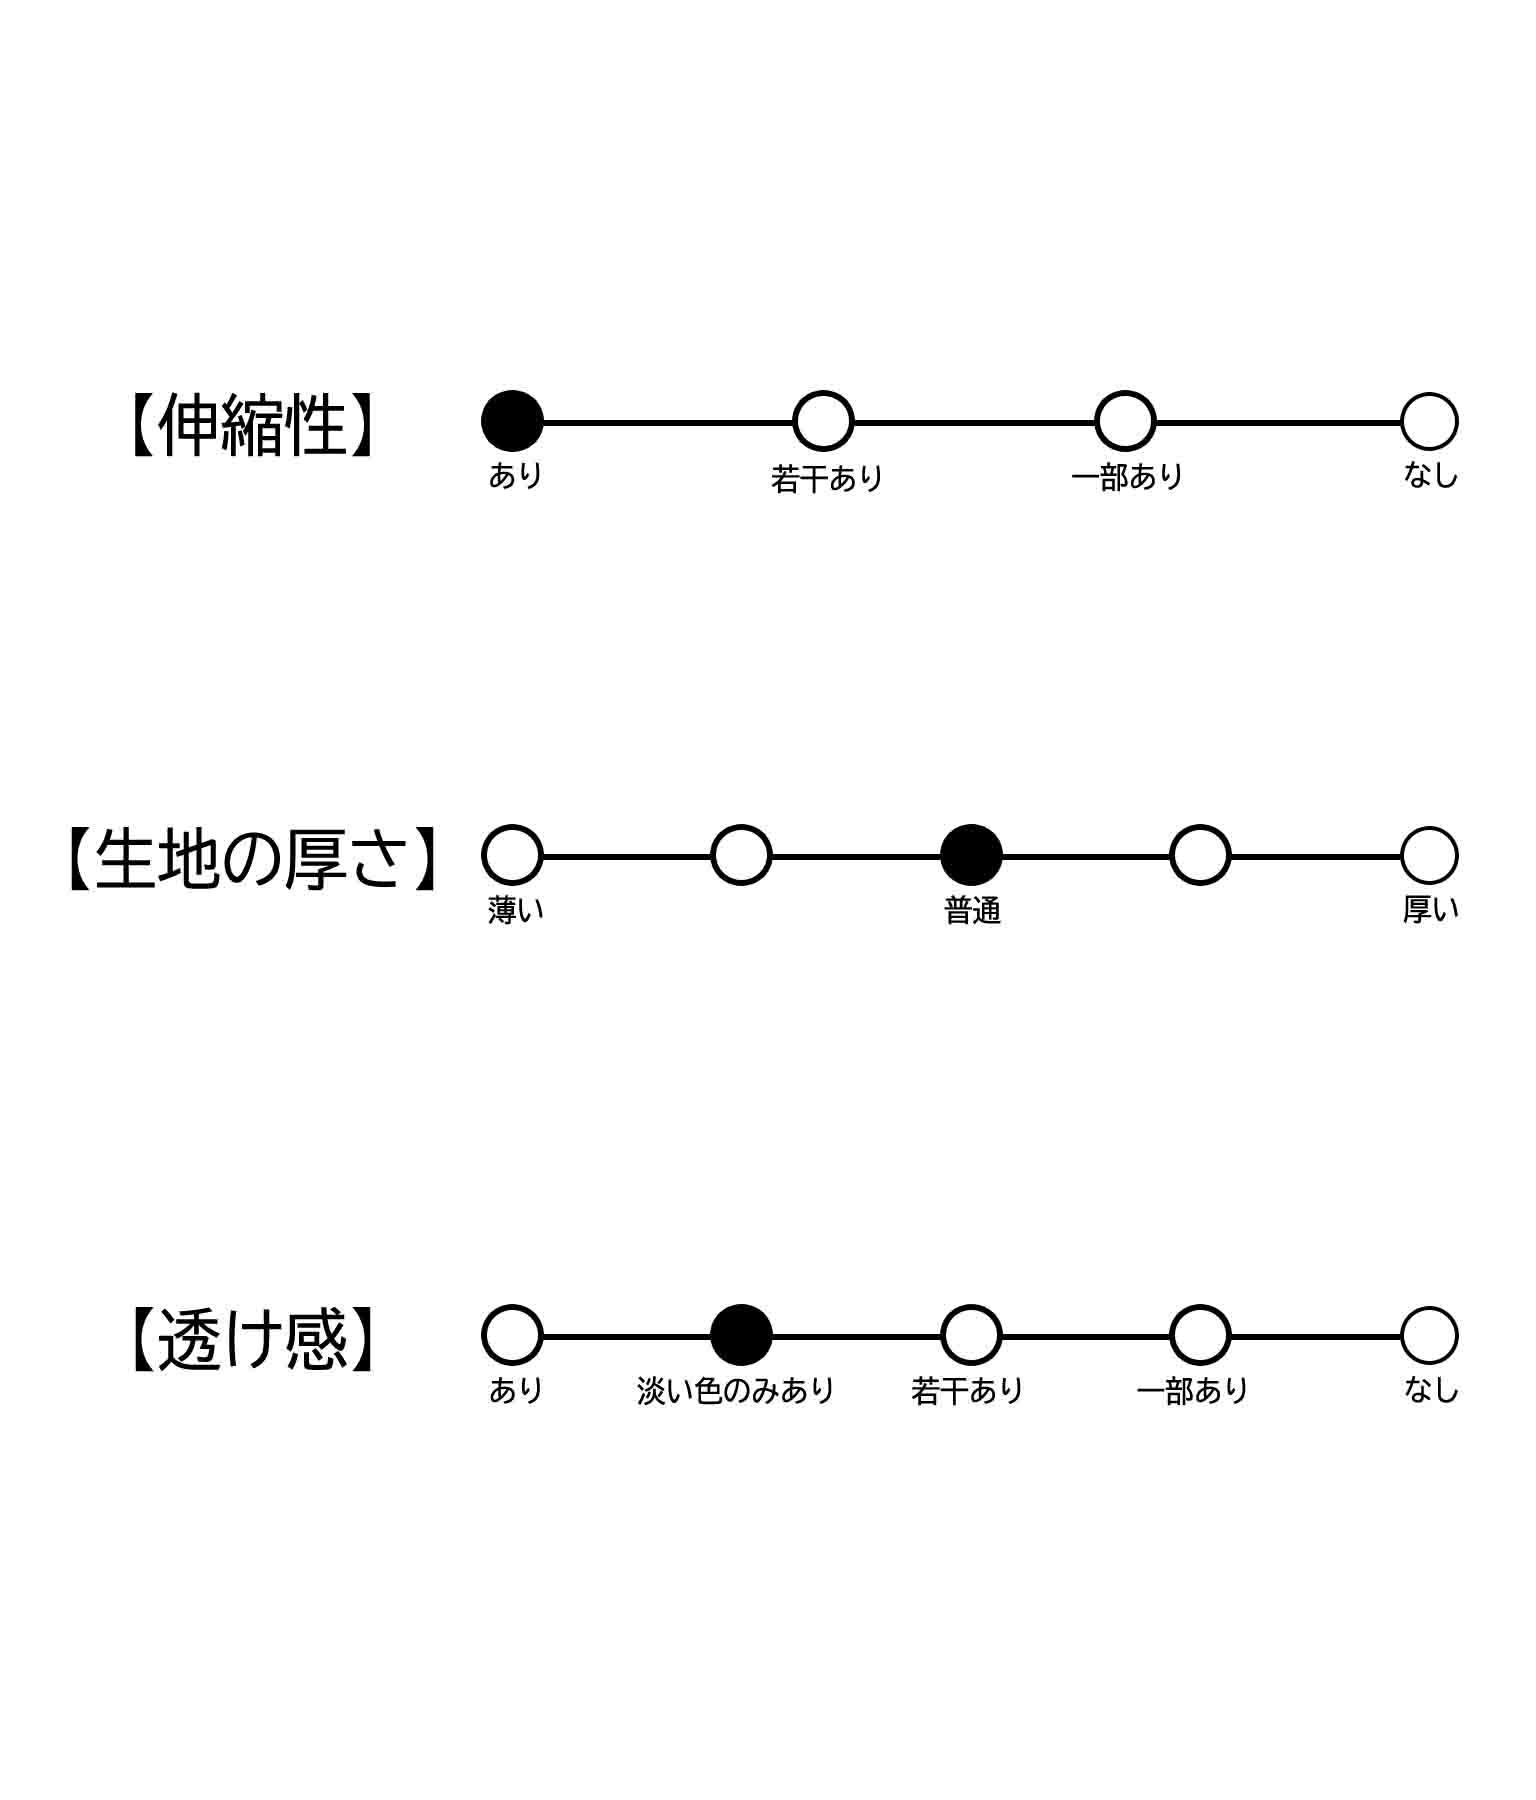 パッド入りカットリブUネックトップス(トップス/カットソー ) | ANAP